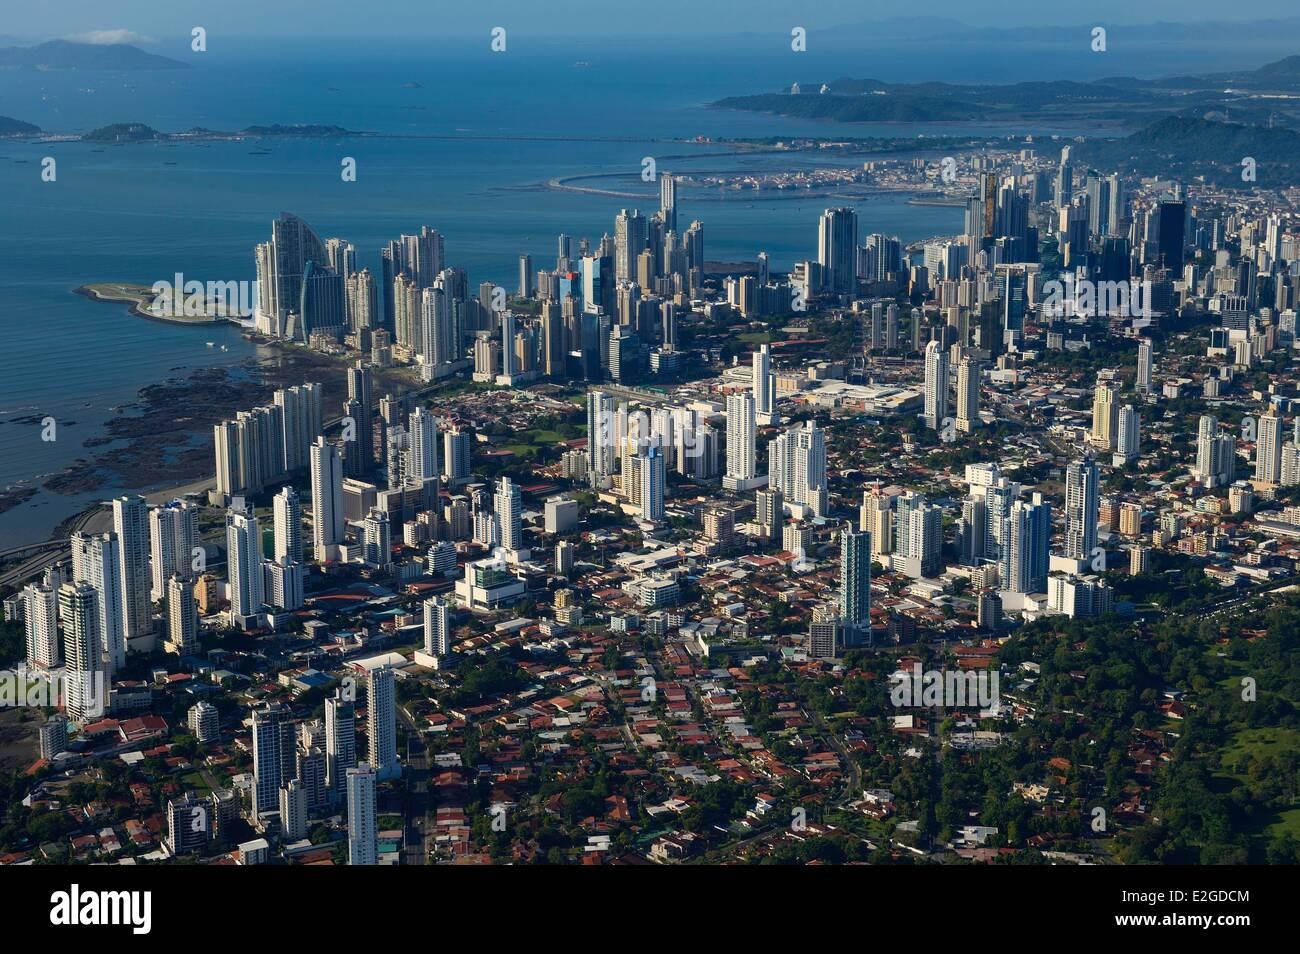 Panama Panama City grattacieli città vecchia Casco Antiguo (Viejo) in background (vista aerea) Immagini Stock